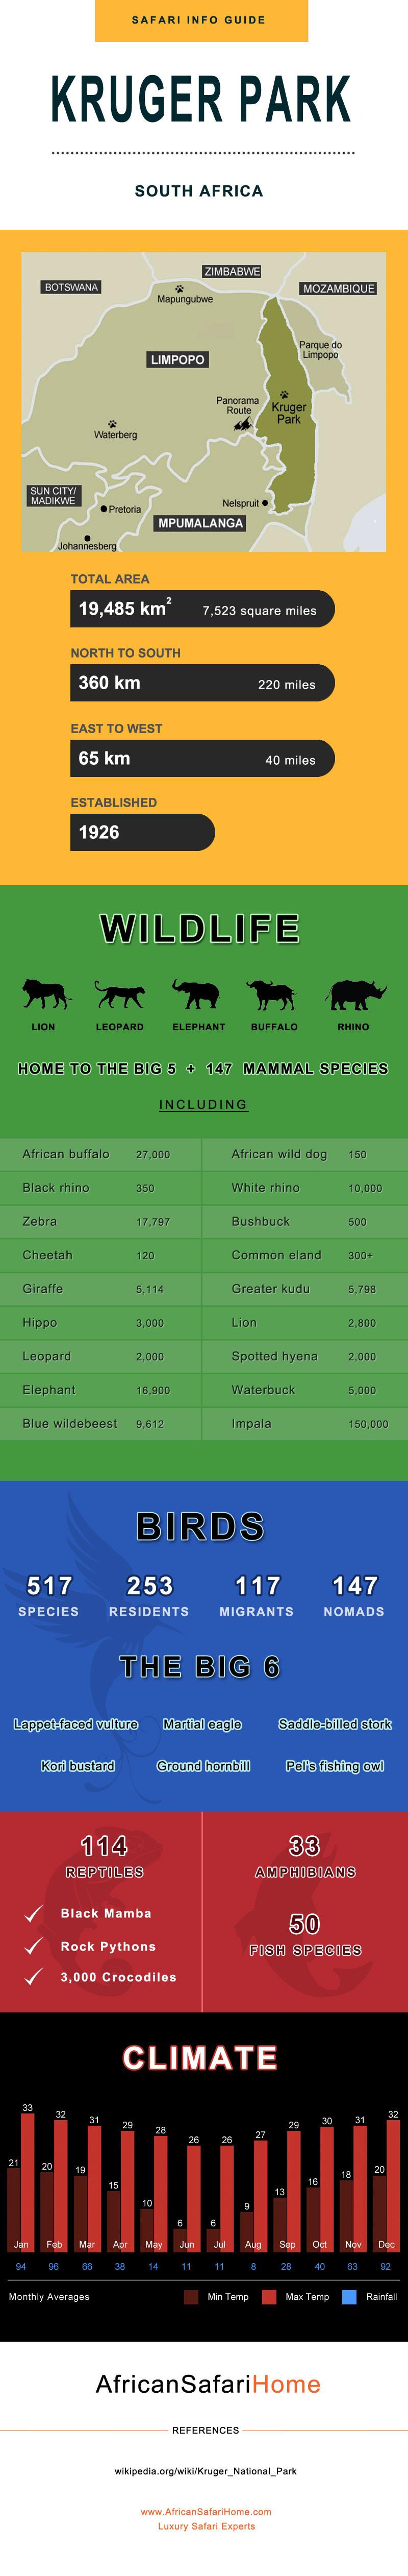 Kruger Park Information